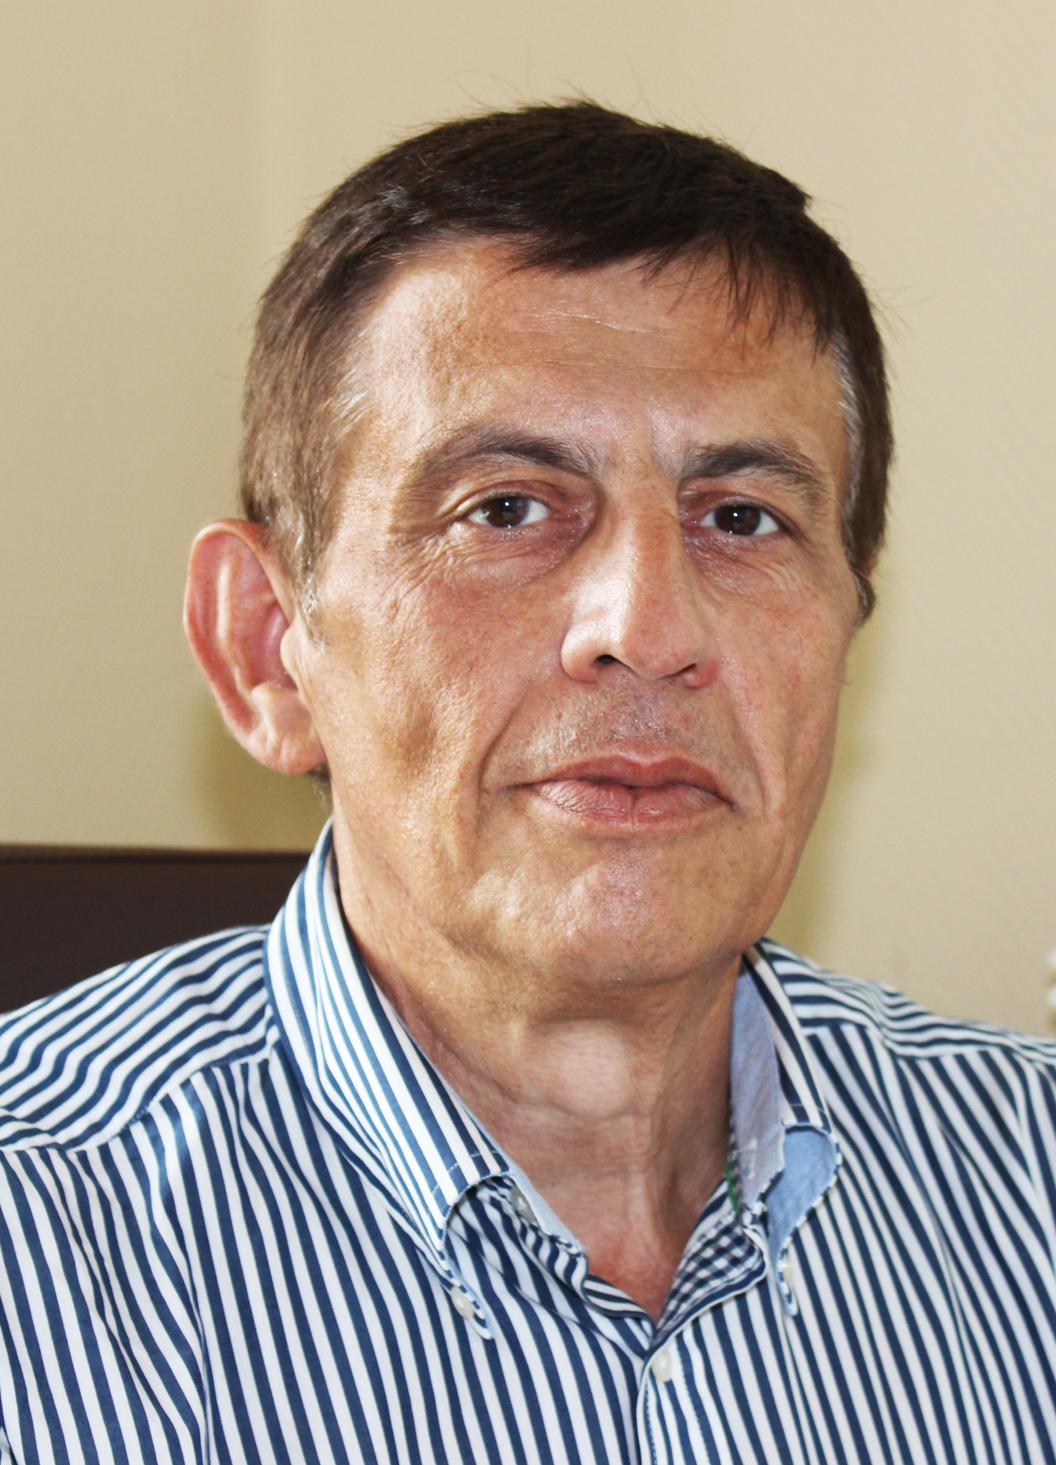 Vladimir Semenovich Shcherbel